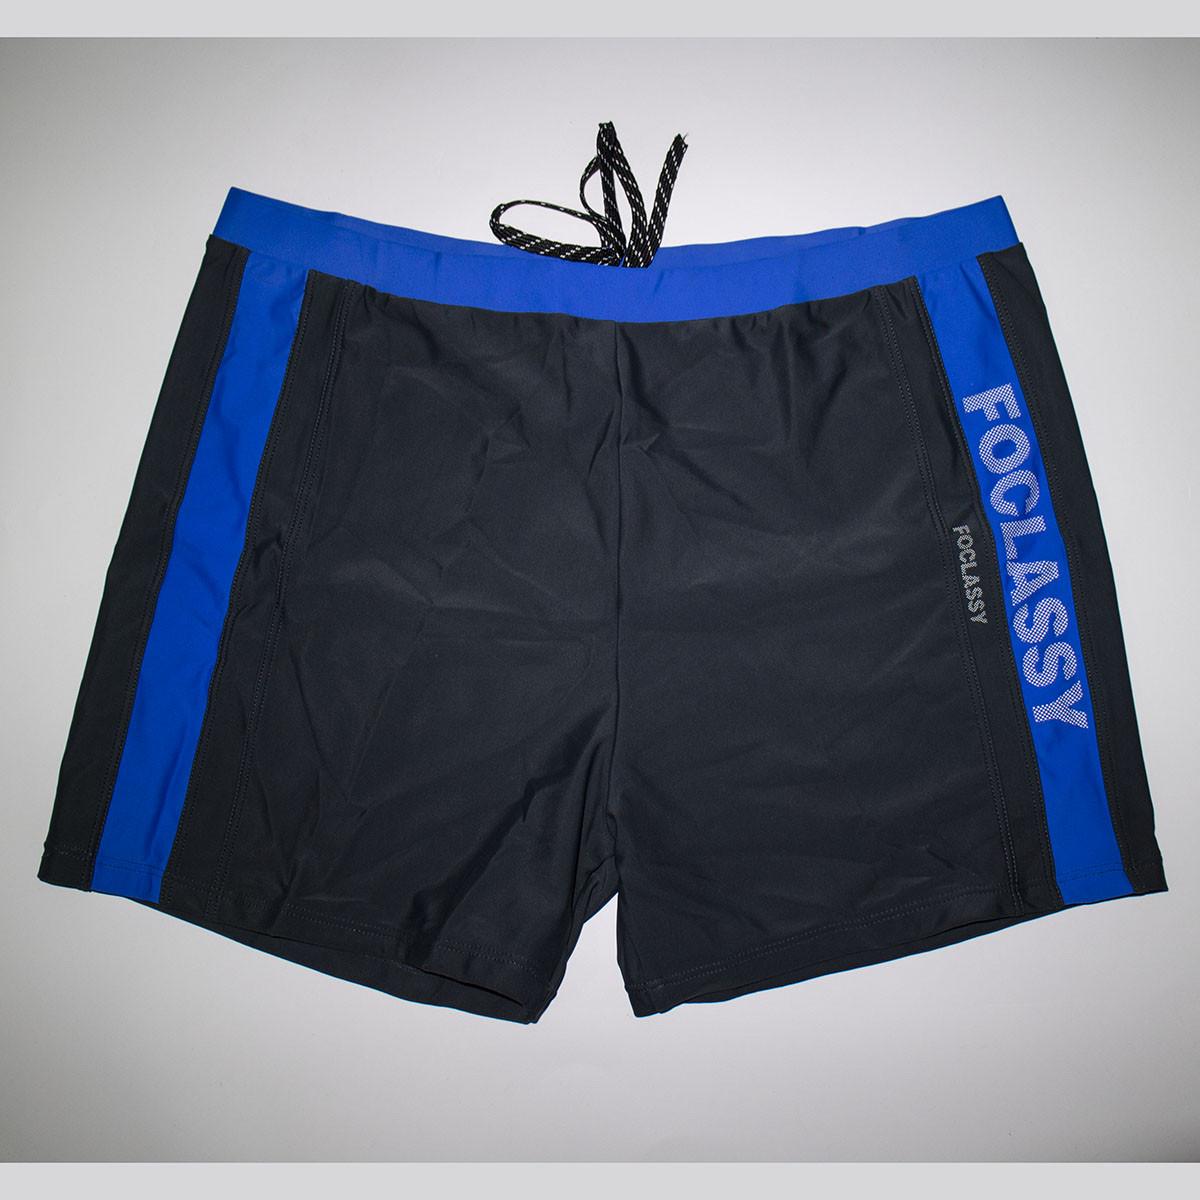 Мужские модные плавки шорты для купания ST1113